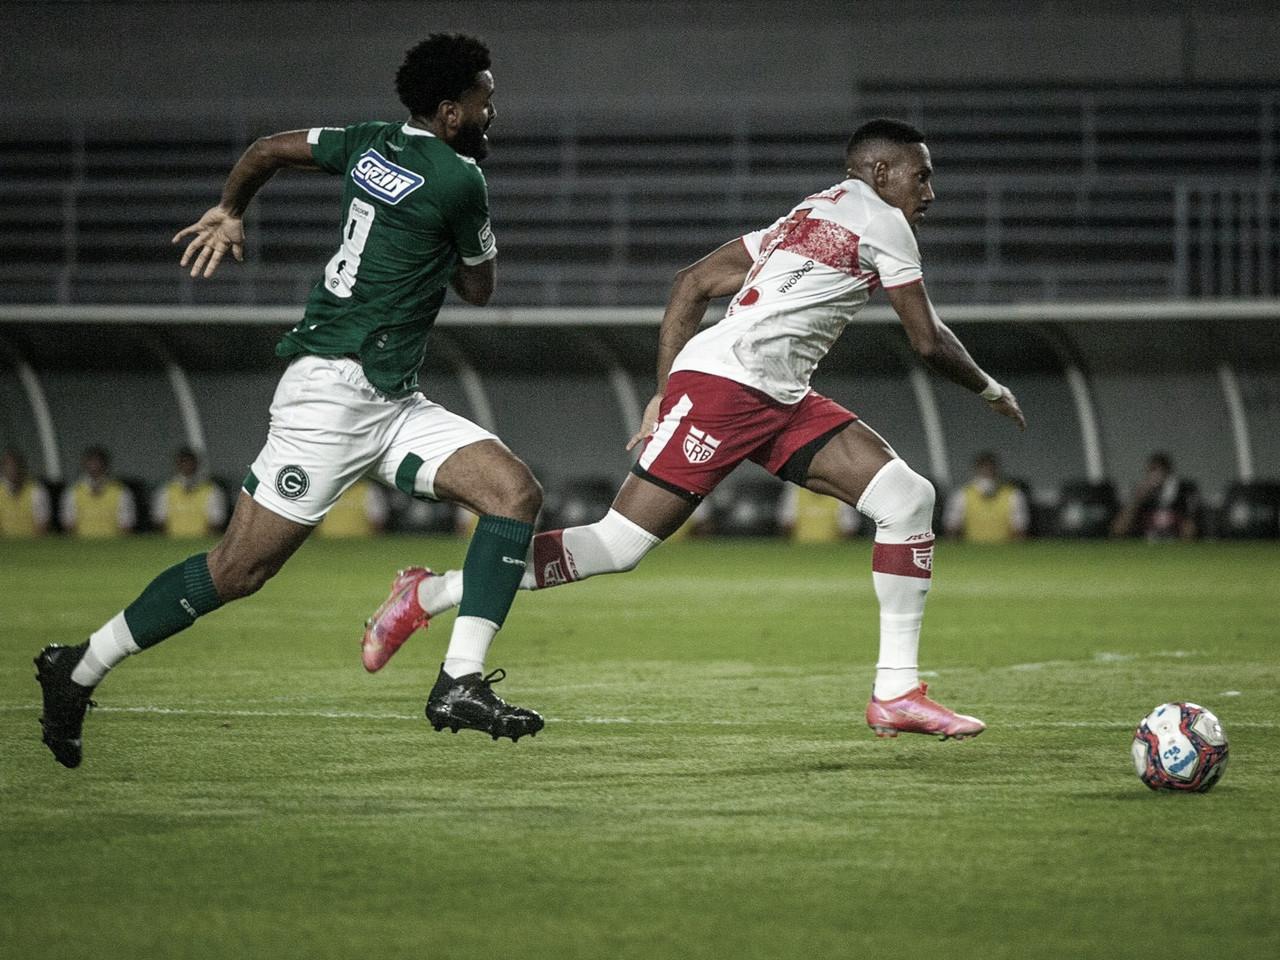 Goiás aguenta pressão, vence CRB e se firma na vice-liderança da Série B